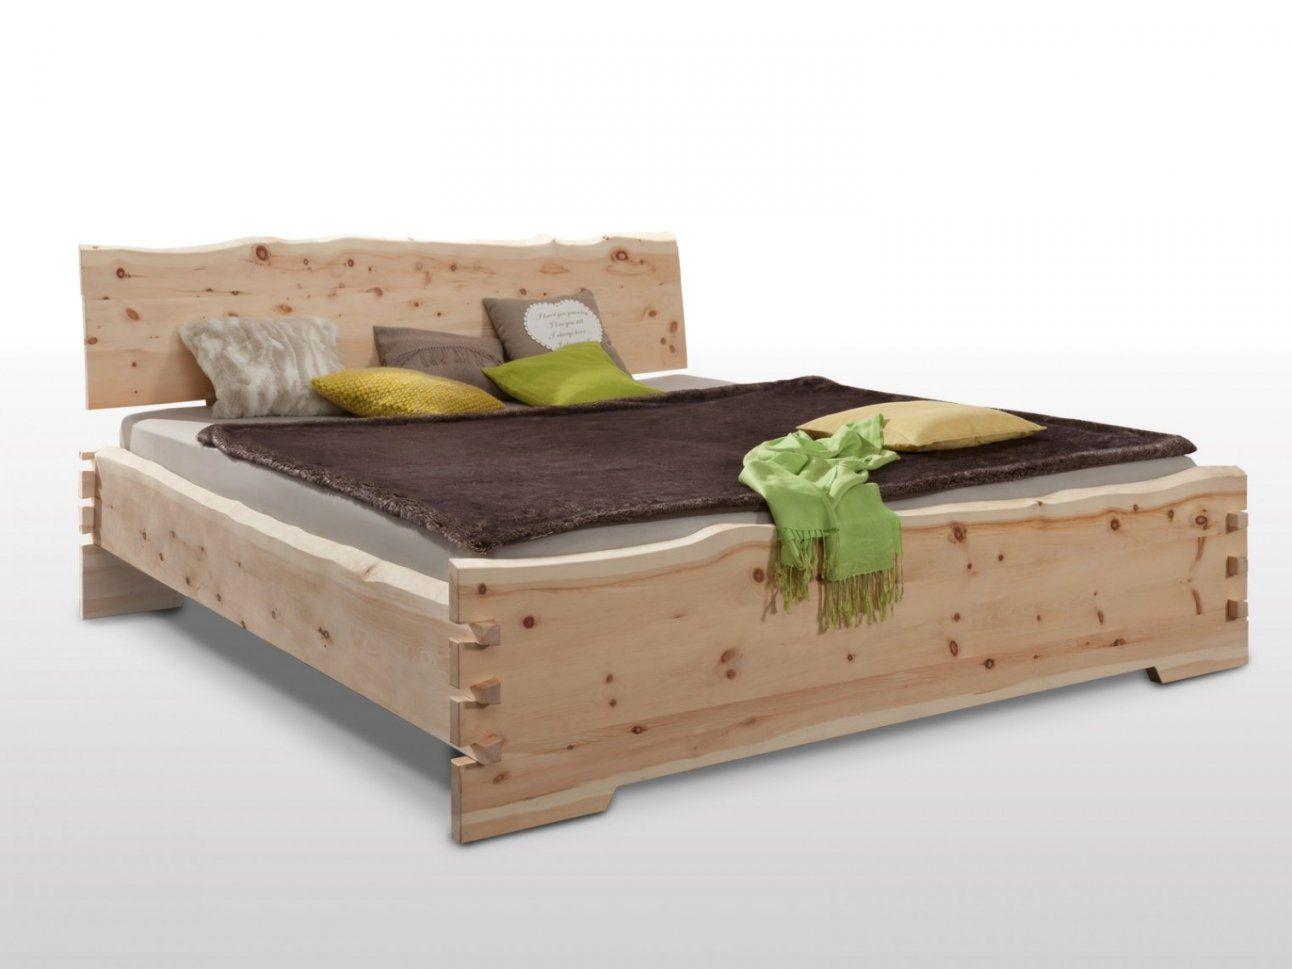 Bett Bauanleitung Kinderbett Selber Bauen Detaillierte